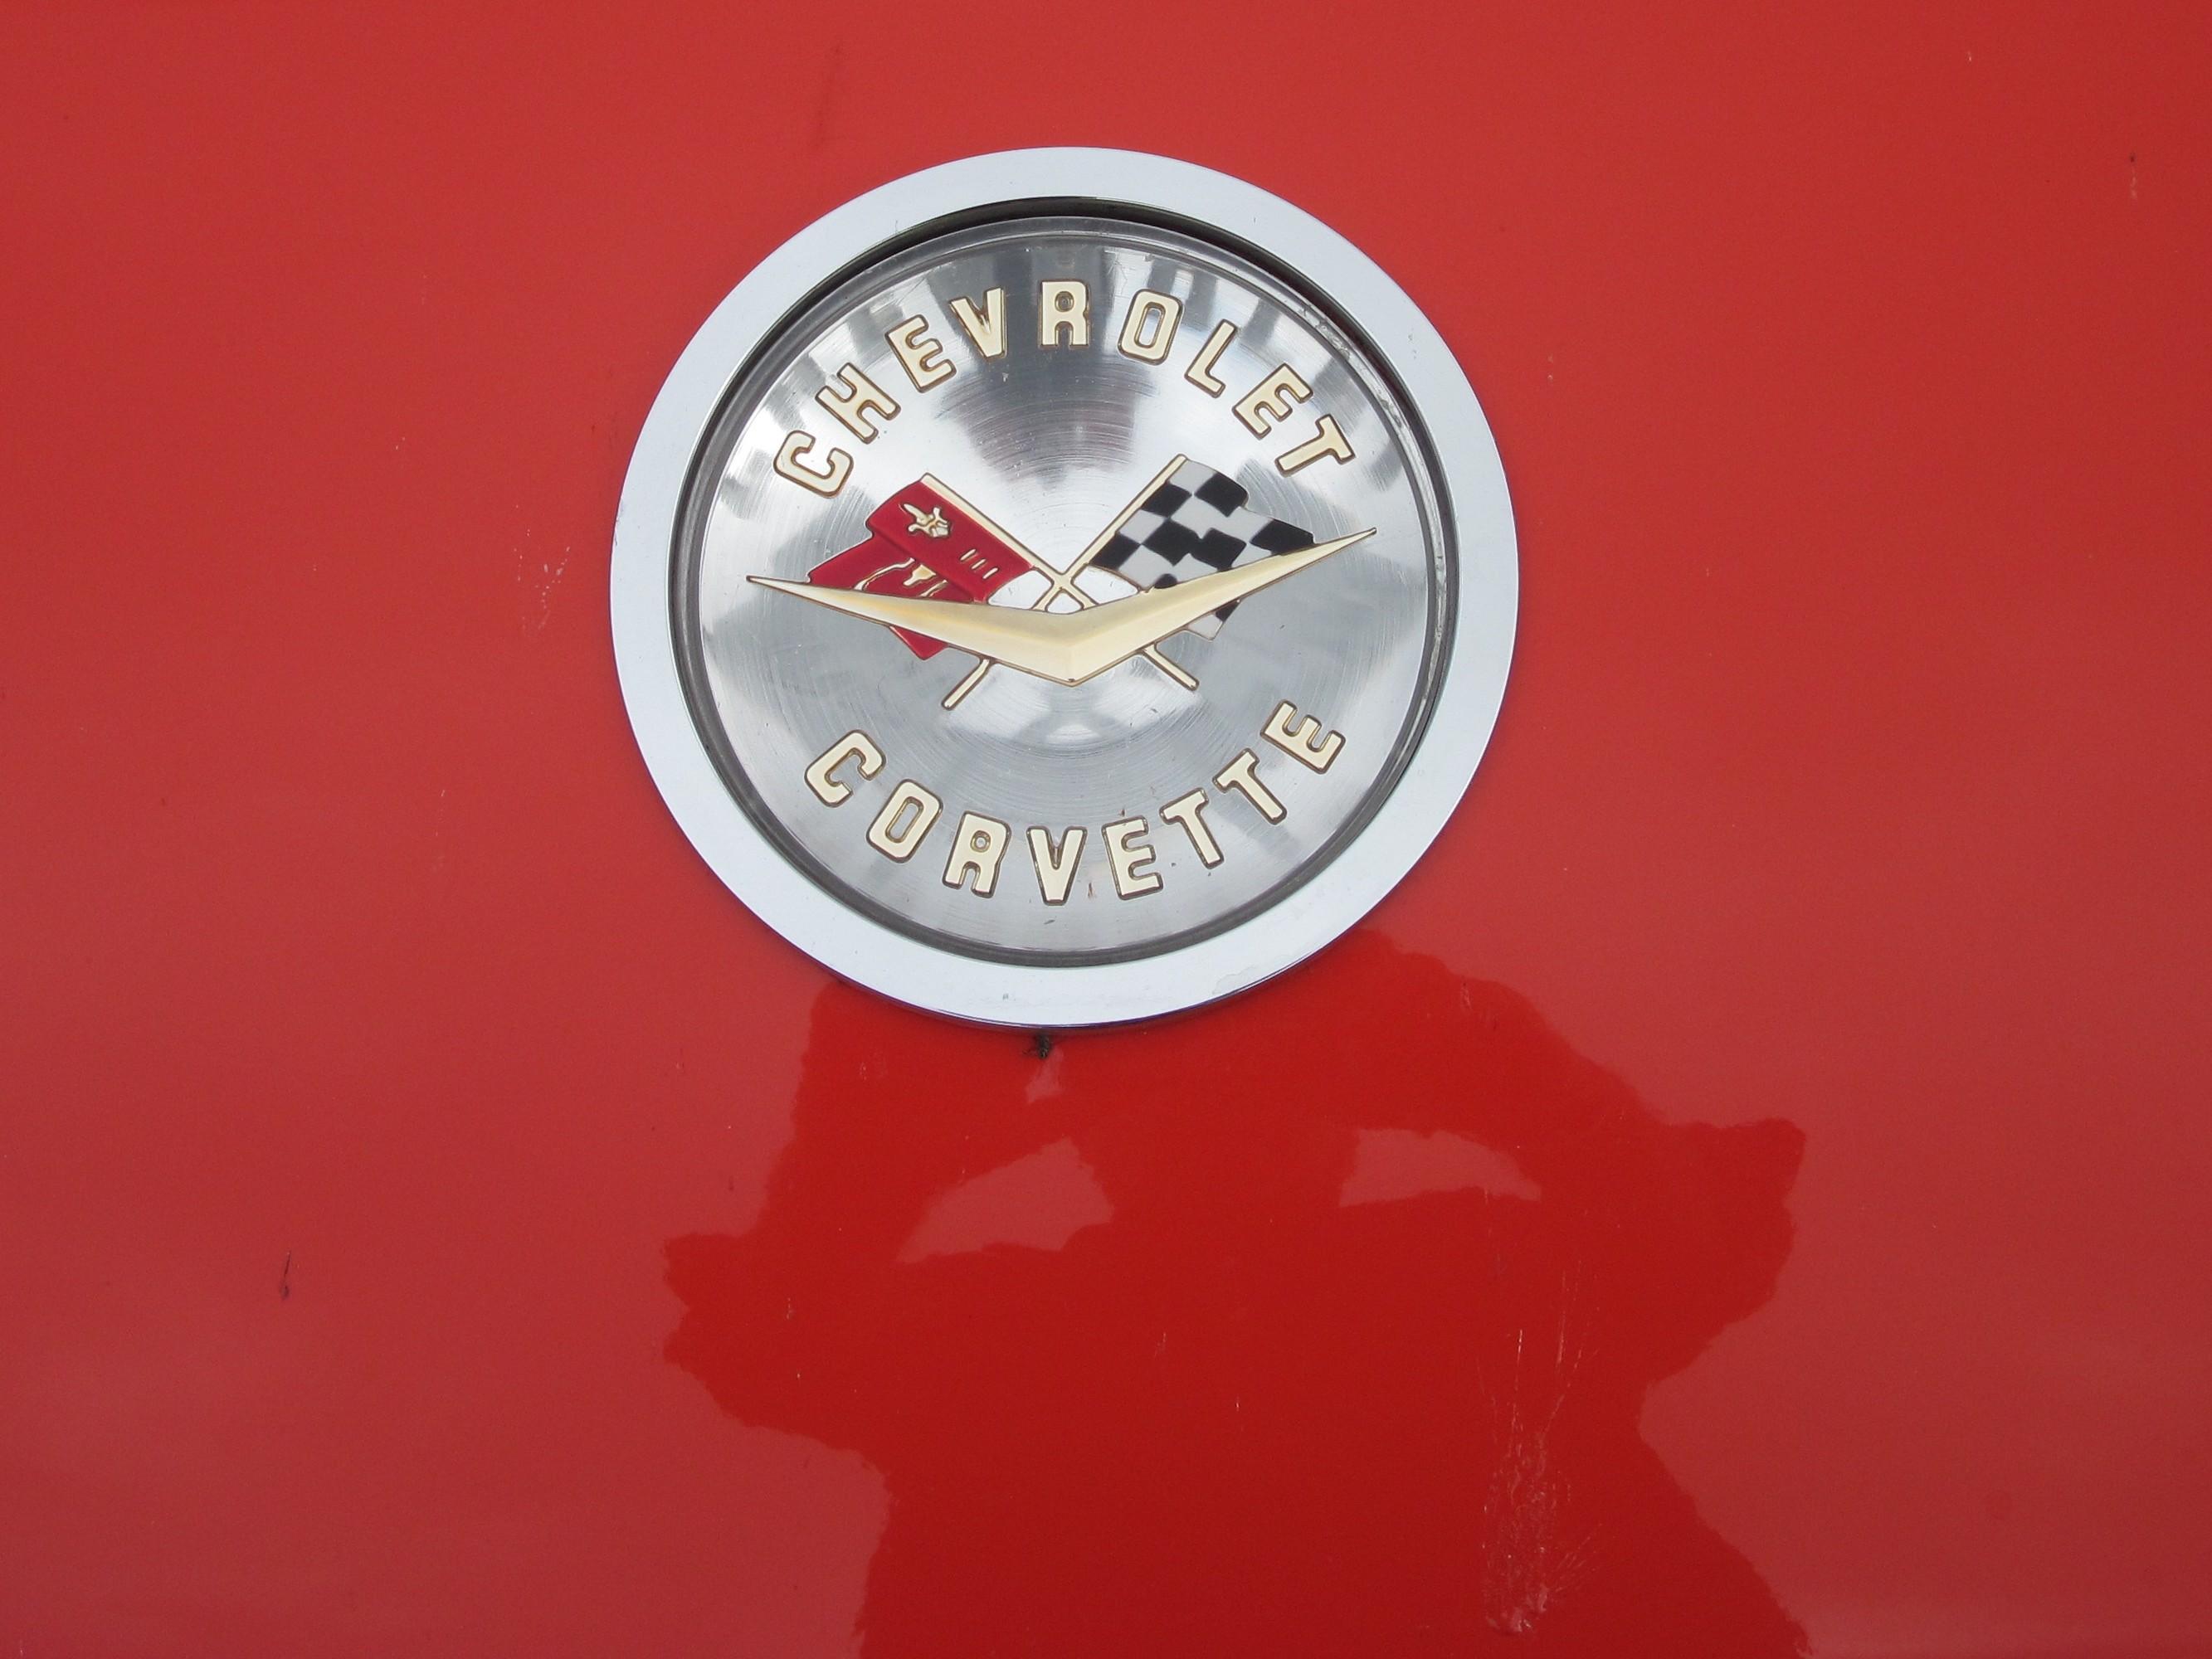 Chevrolet Corvette Logo Wallpaper Chevrolet Corvette